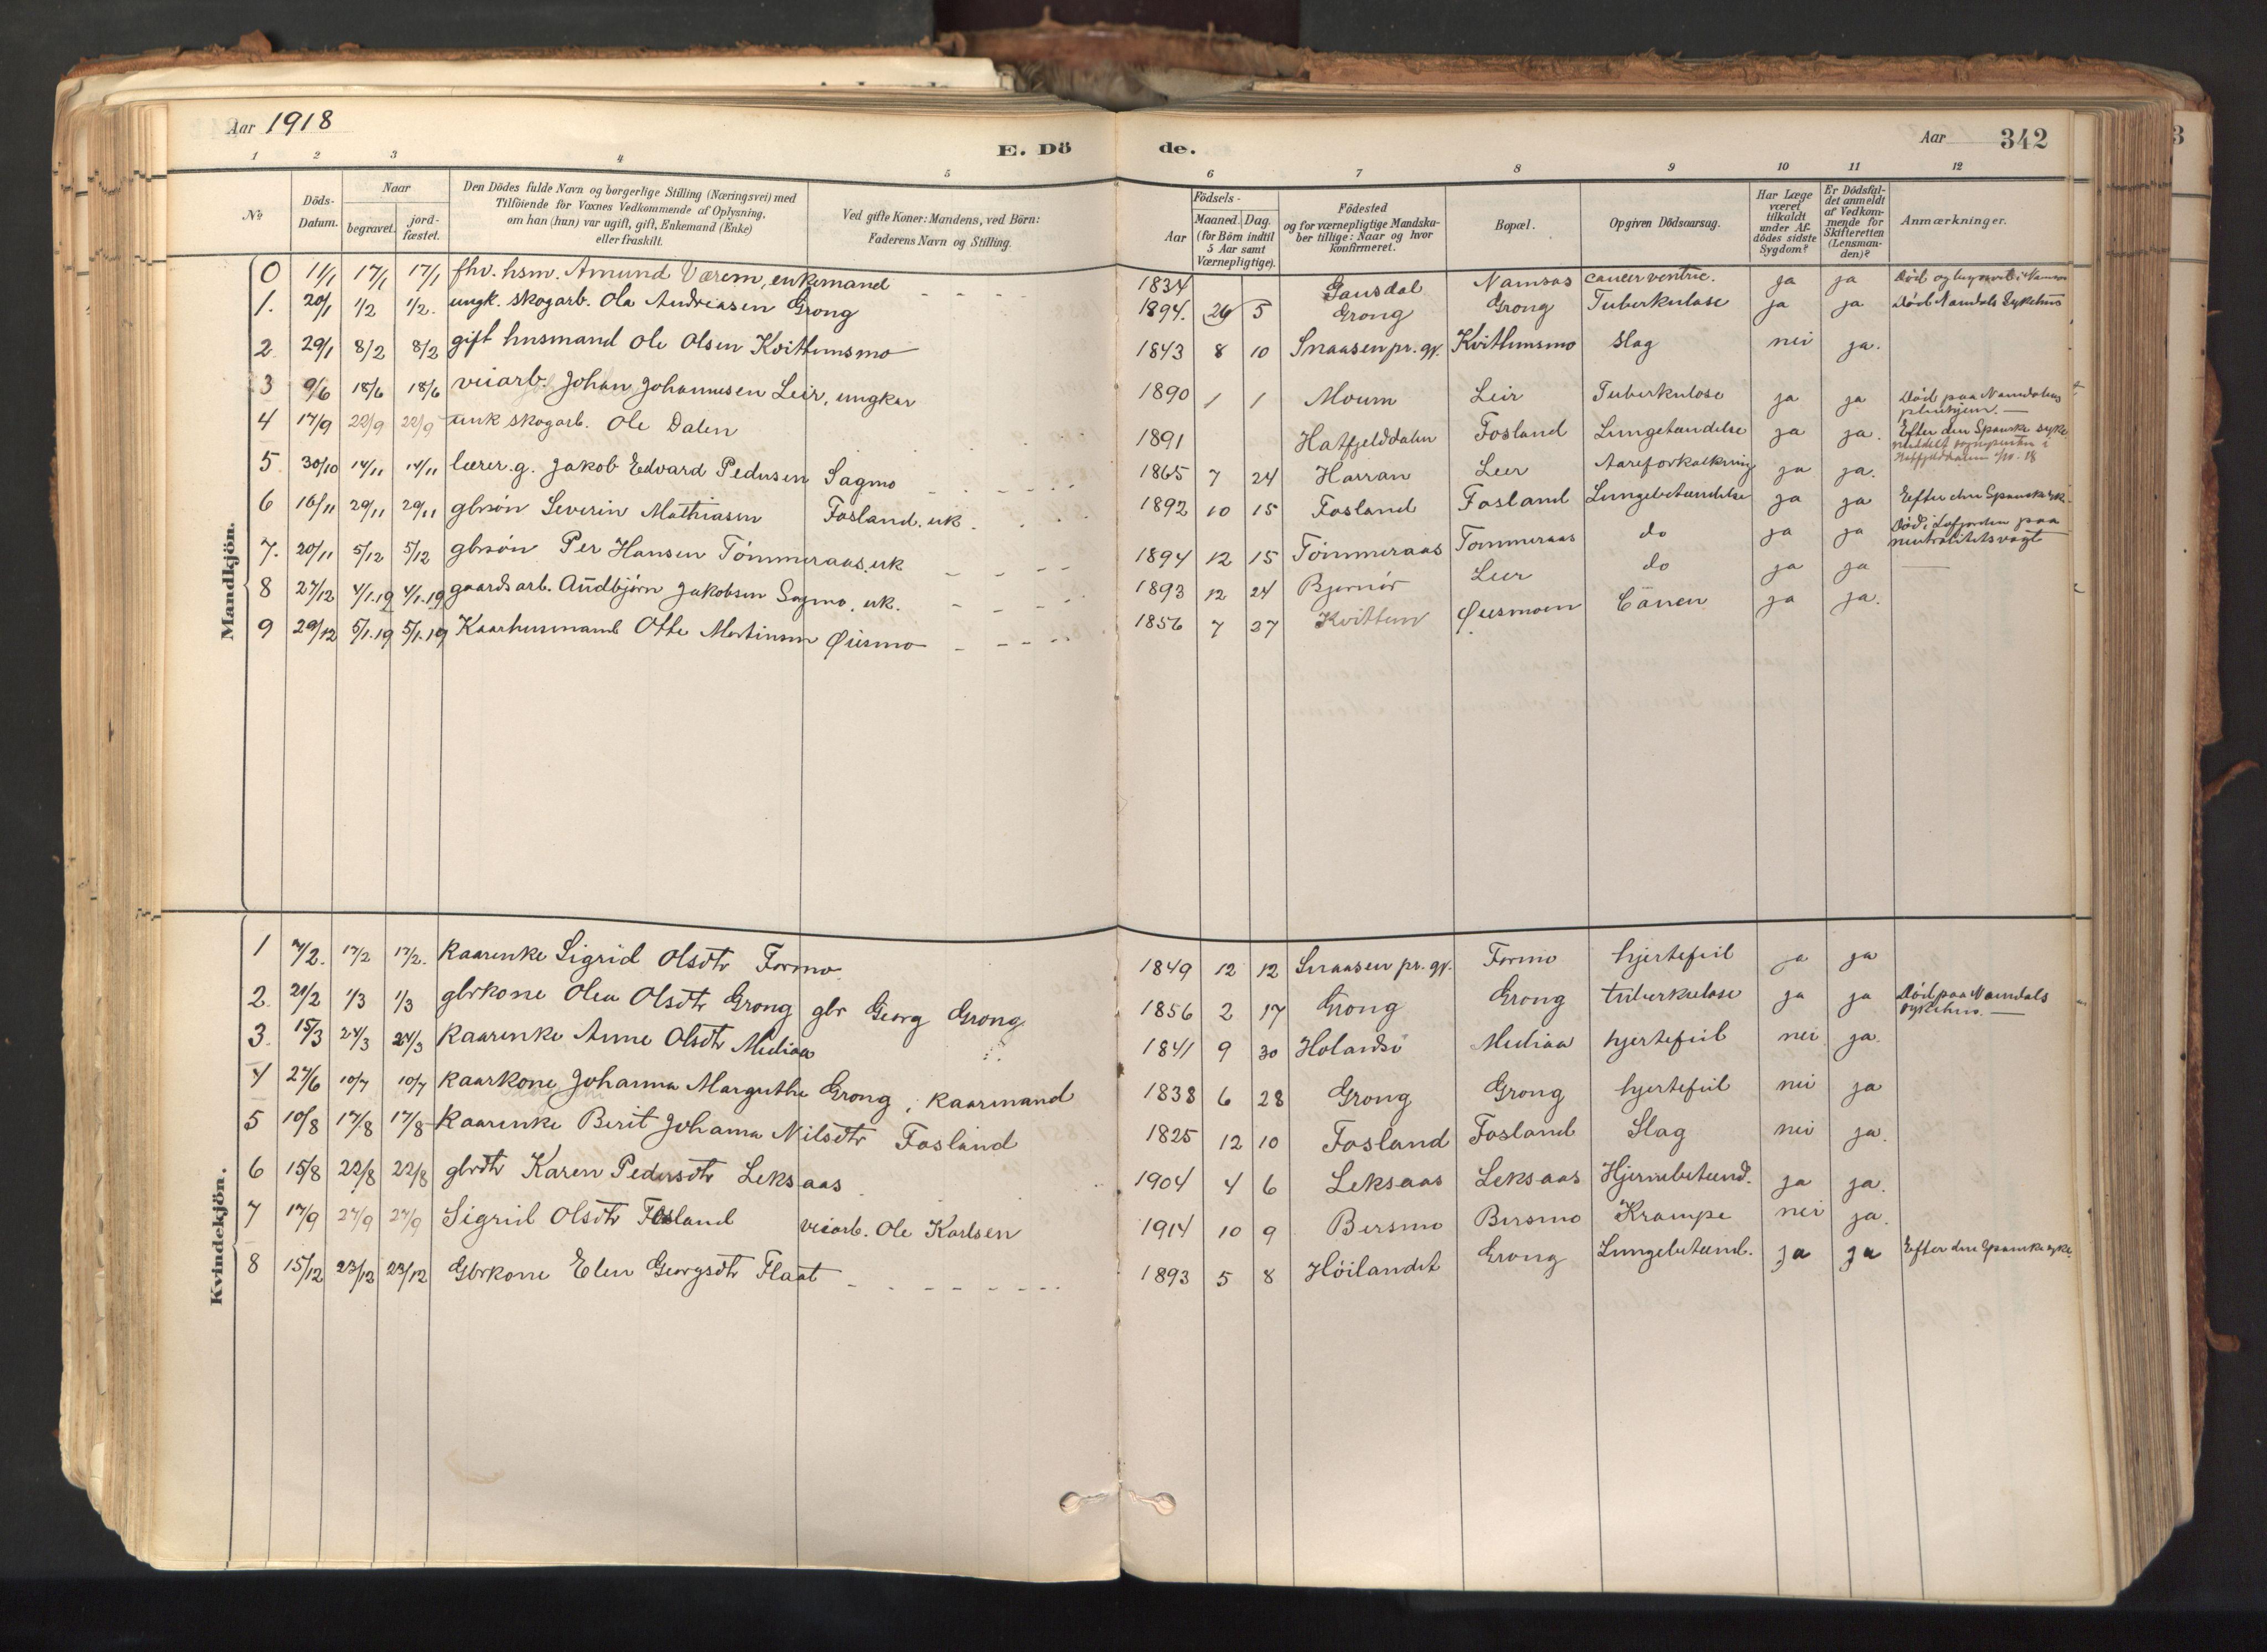 SAT, Ministerialprotokoller, klokkerbøker og fødselsregistre - Nord-Trøndelag, 758/L0519: Ministerialbok nr. 758A04, 1880-1926, s. 342